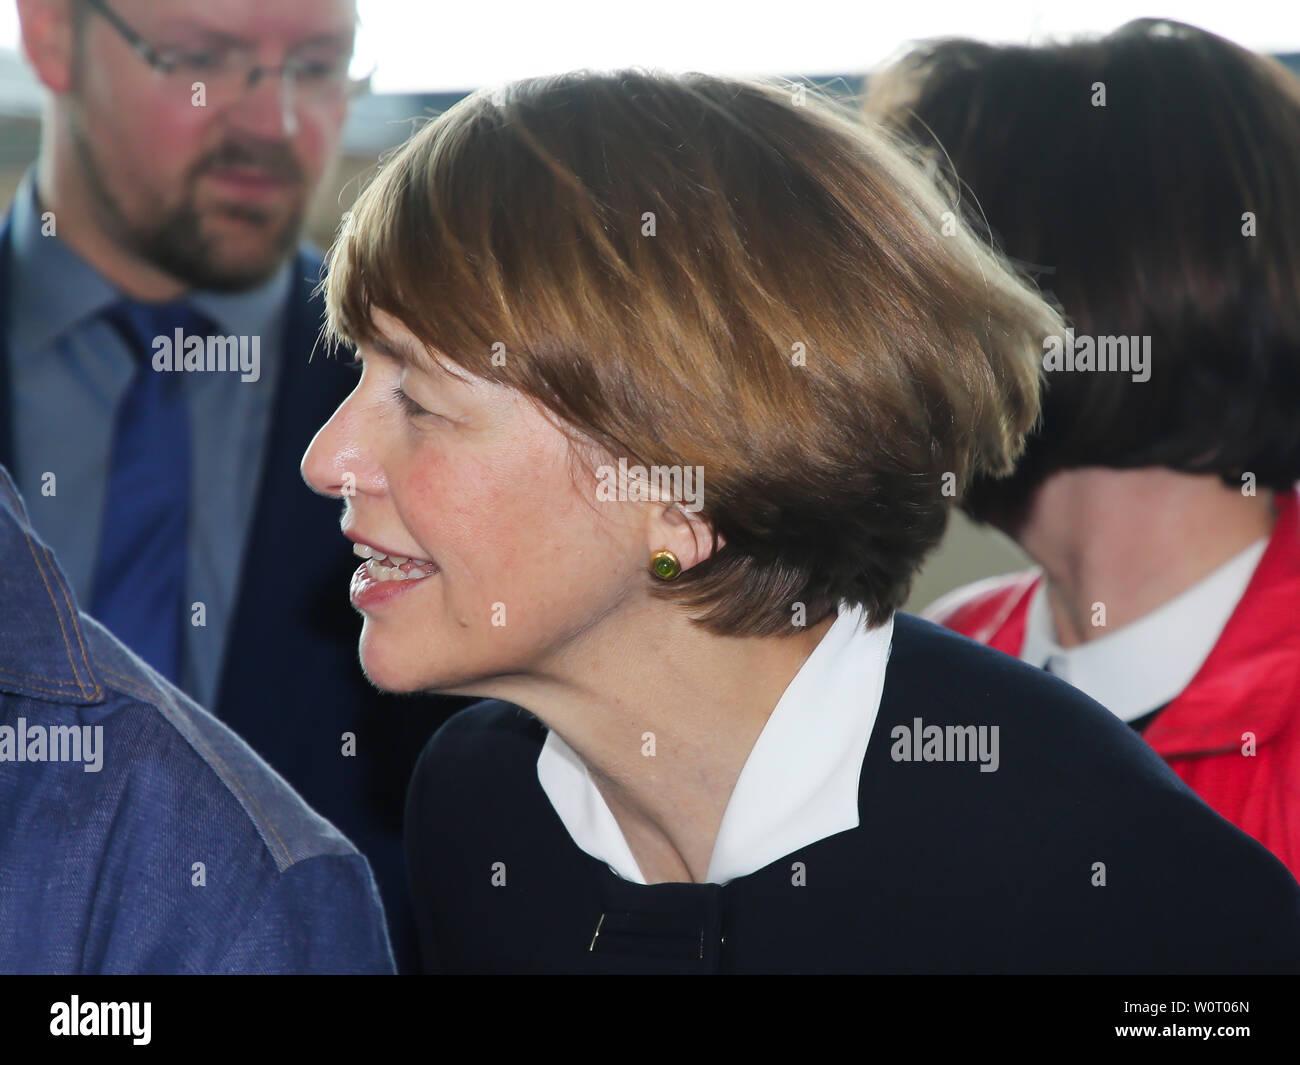 Elke Budenbender Ehefrau Von Bundesprasident Dr Frank Walter Steinmeier Beim Antrittsbesuch Am 14 02 2018 In Wolmirstedt Stock Photo Alamy